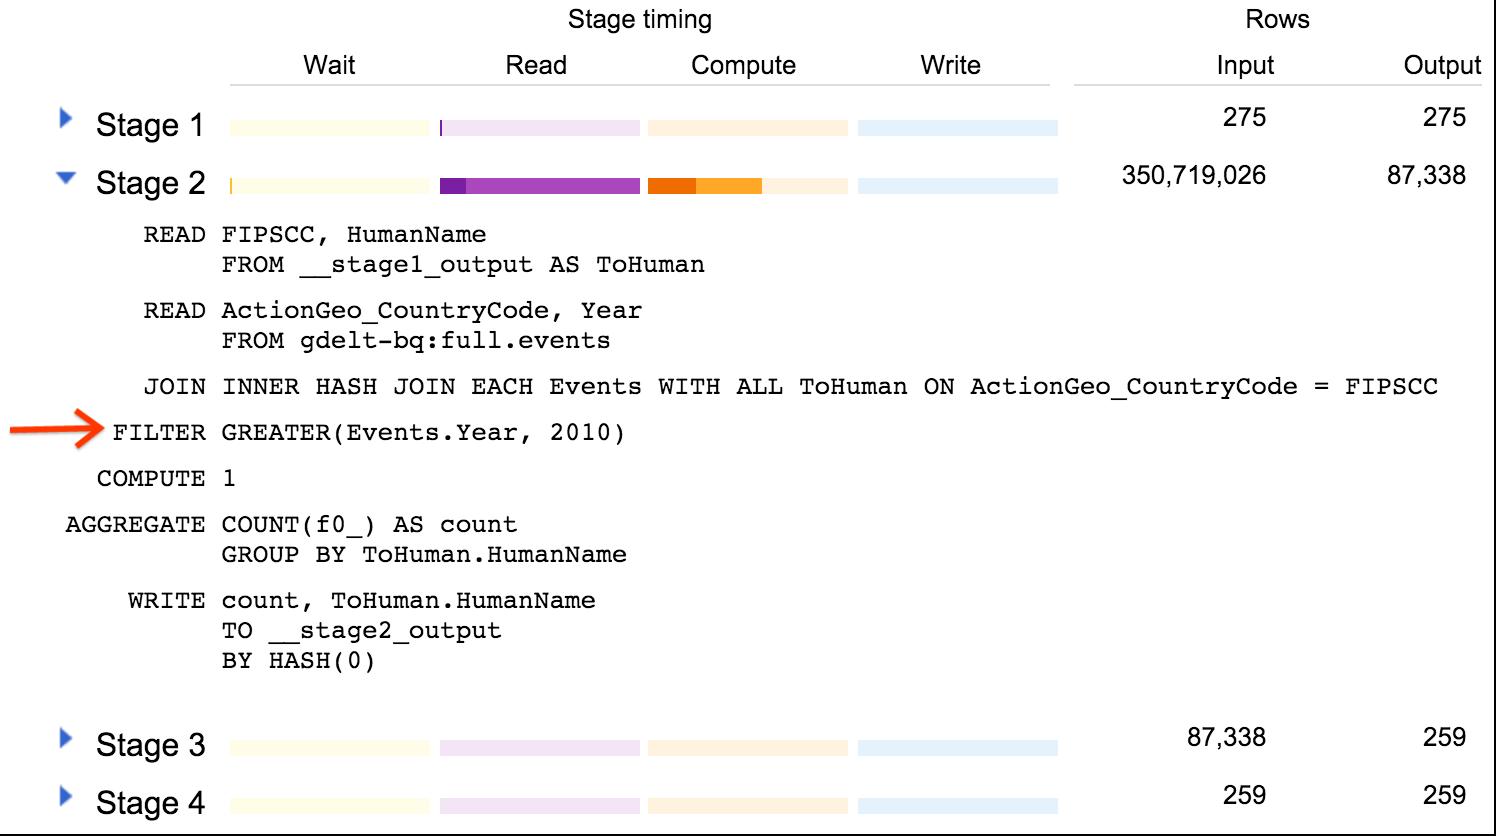 Stage 2 でのデータの偏りの結果を示すウェブ UI のスクリーンショット